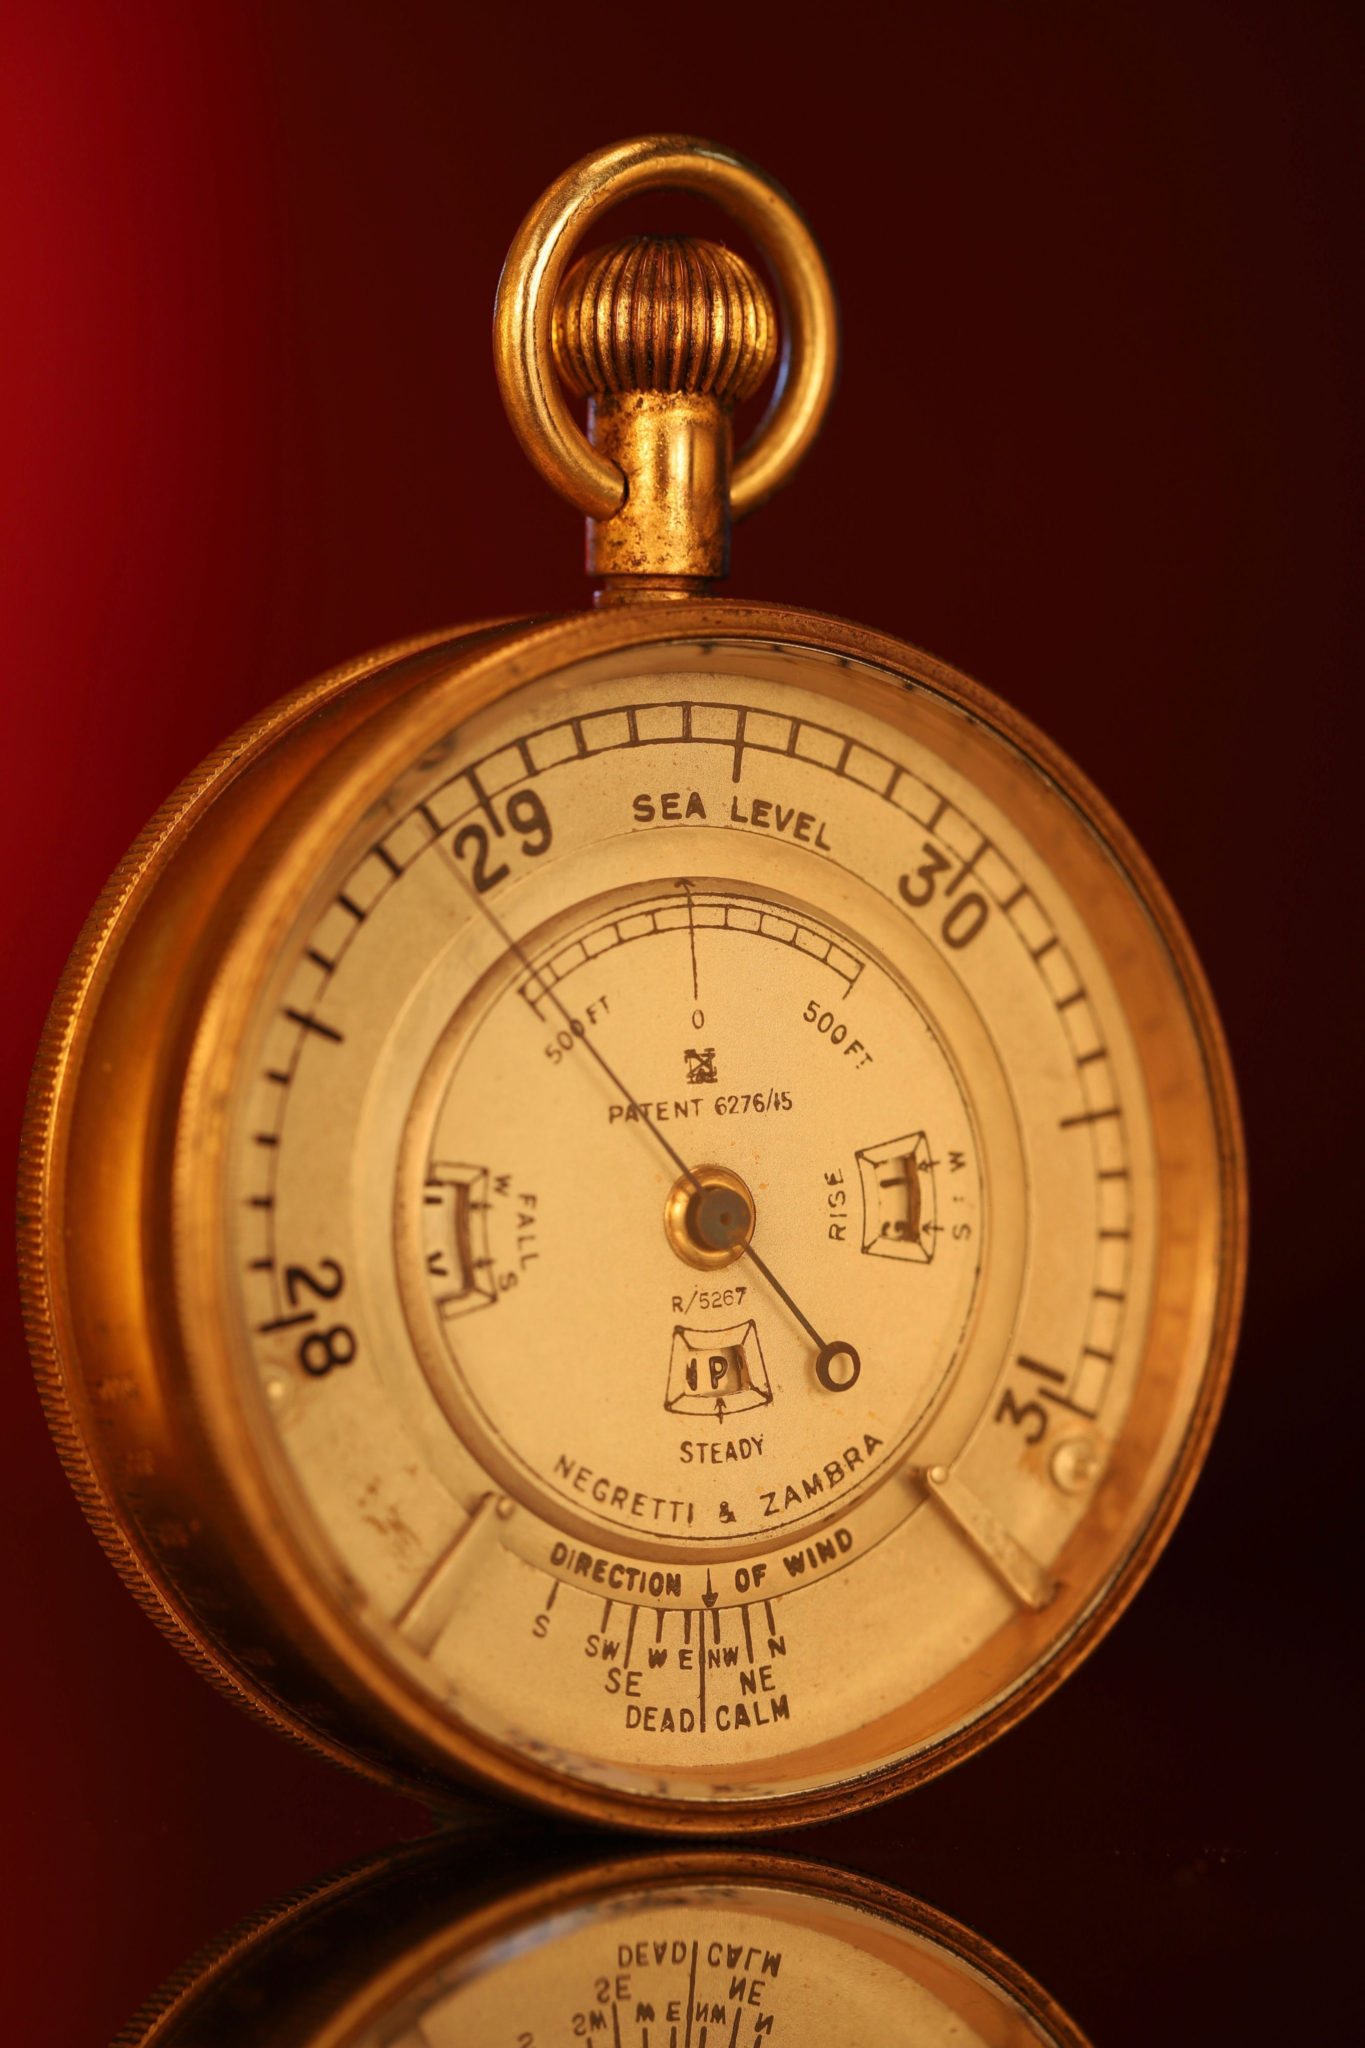 Image of Negretti & Zambra Weather Watch R/5267